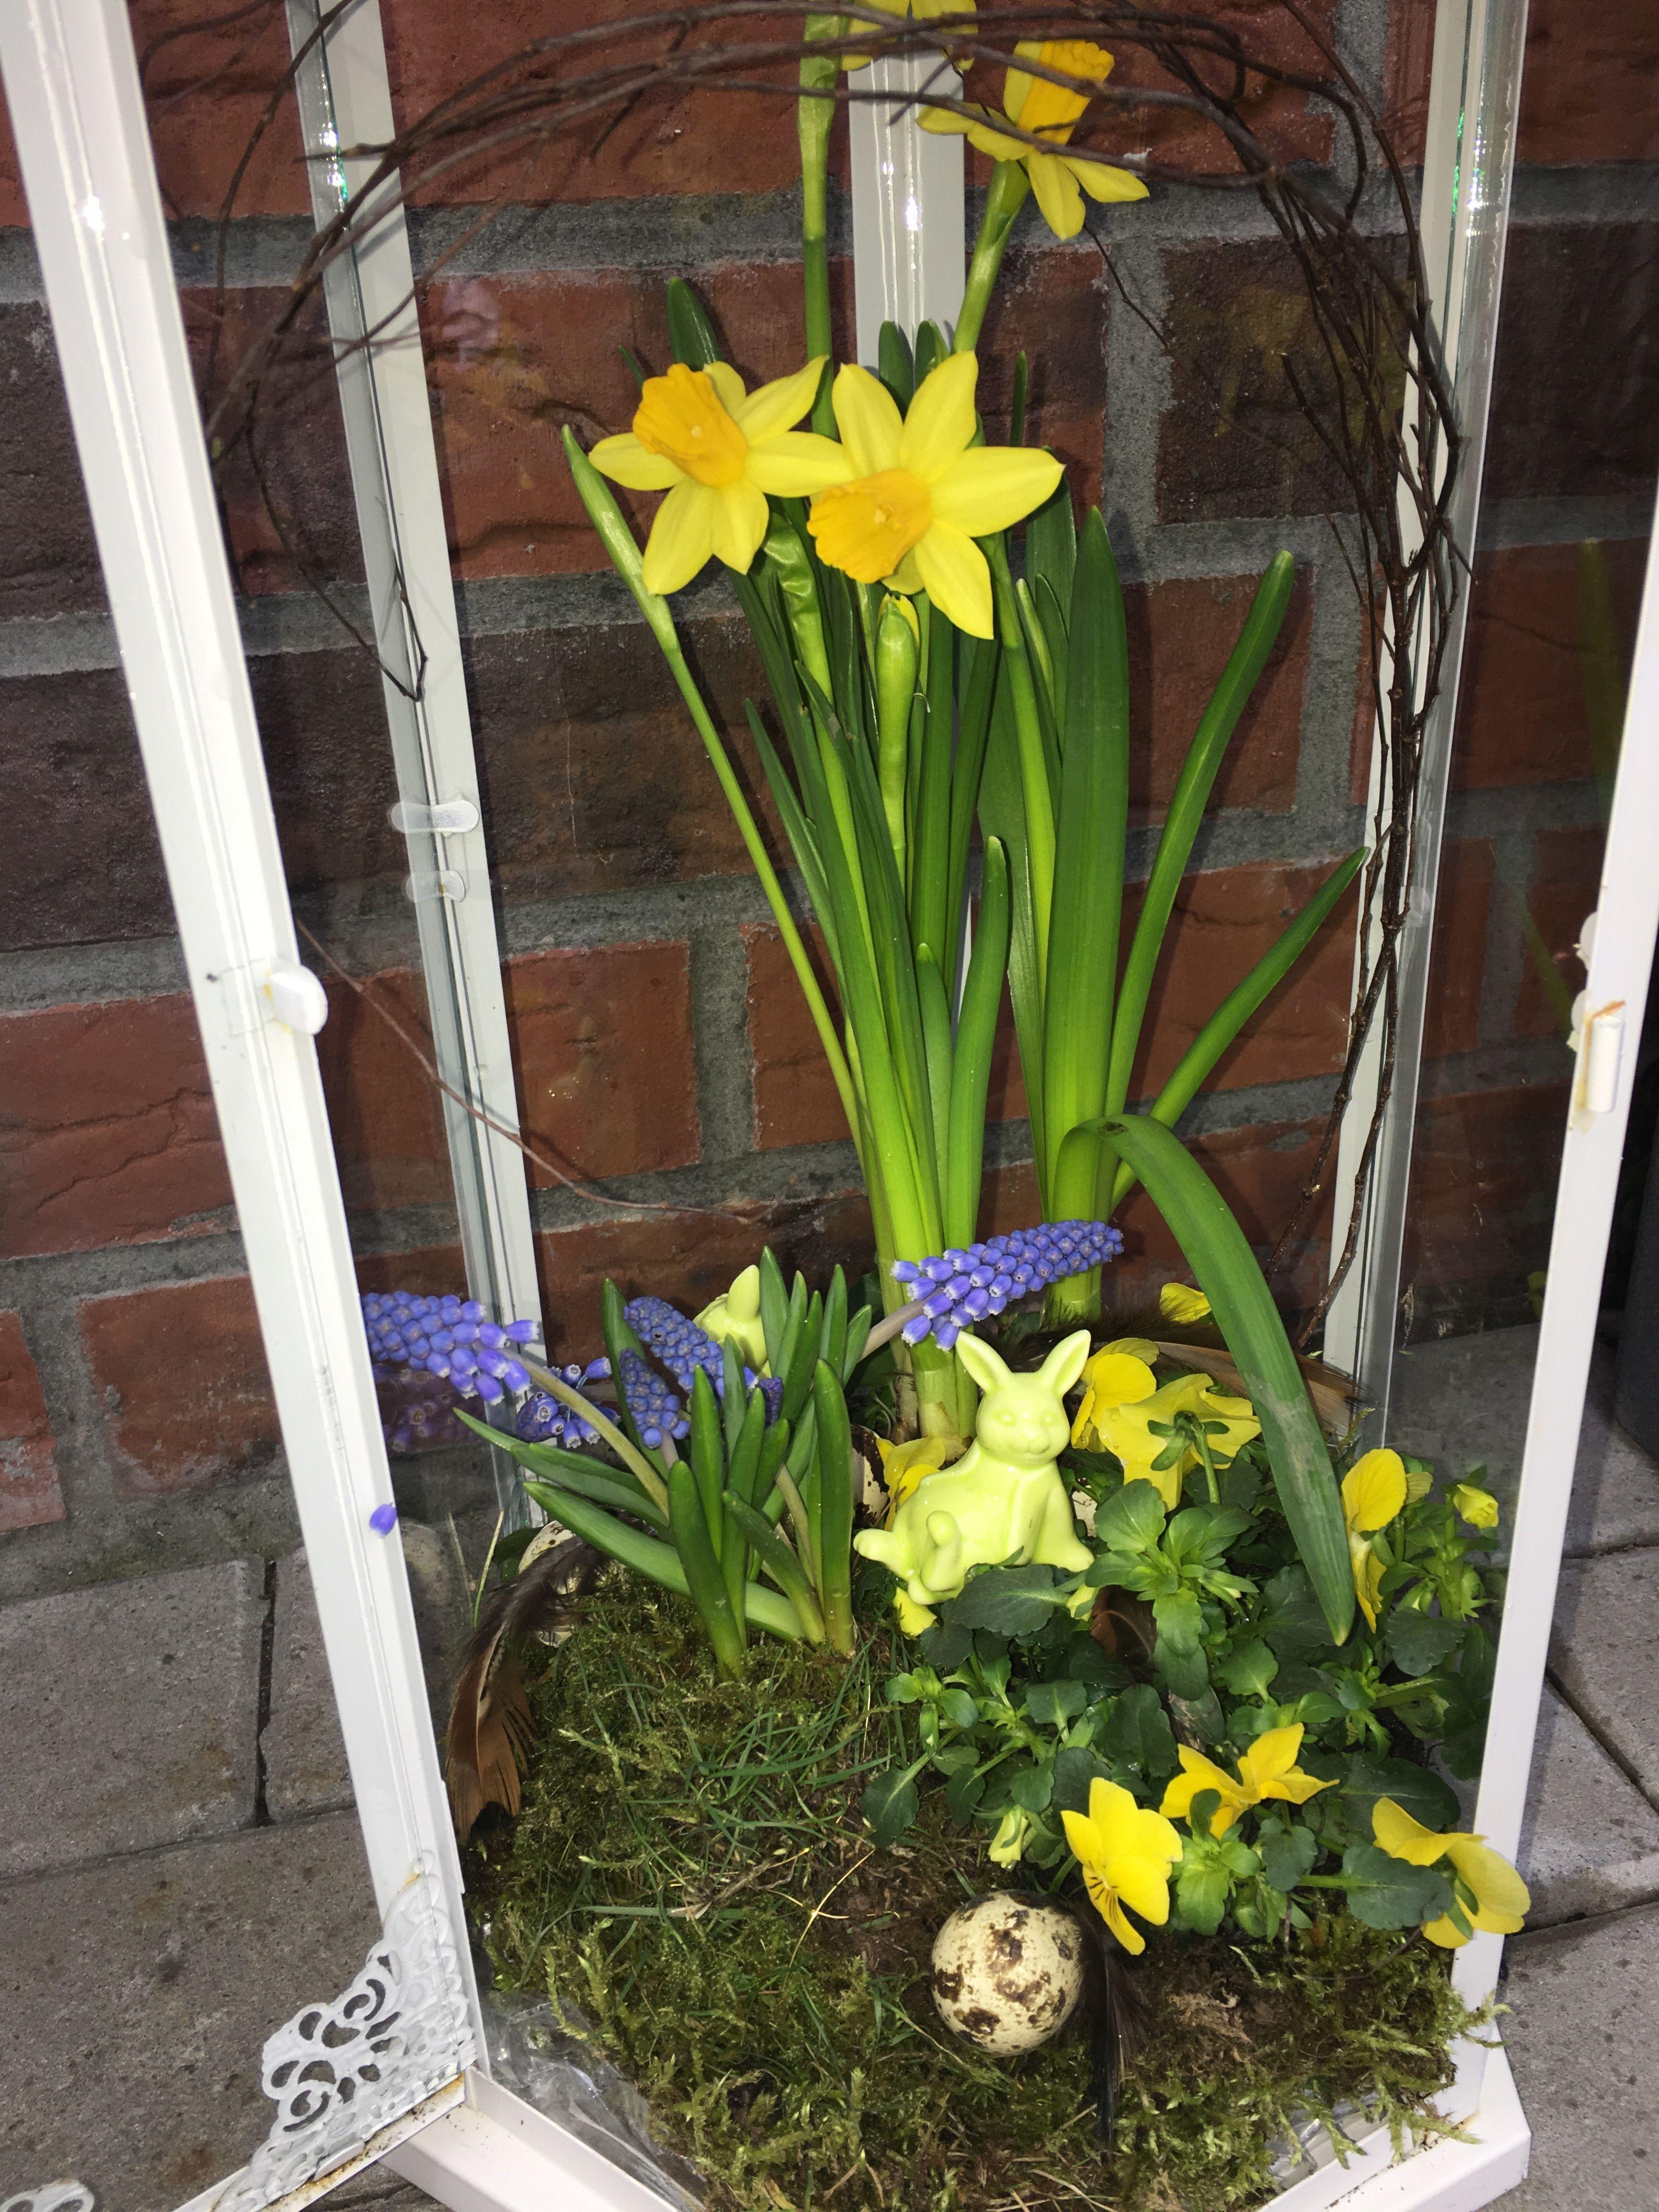 Springtime at home